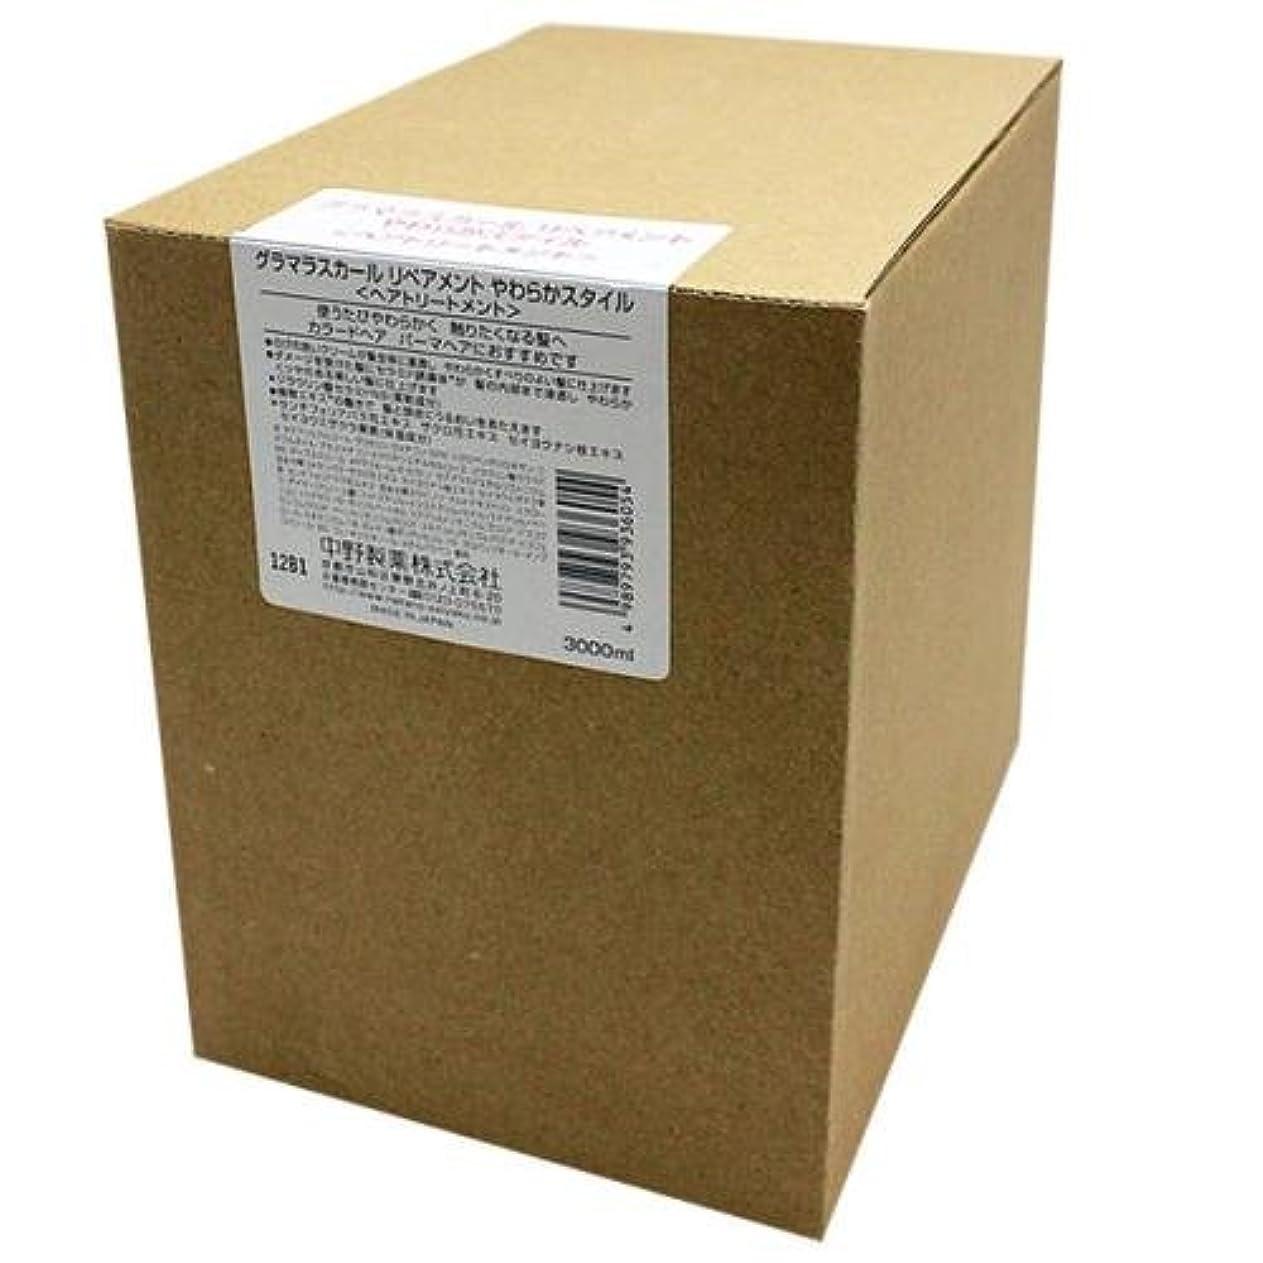 鼻バッジ補助金ナカノ グラマラスカール リペアメント ハリコシスタイル 3000ml